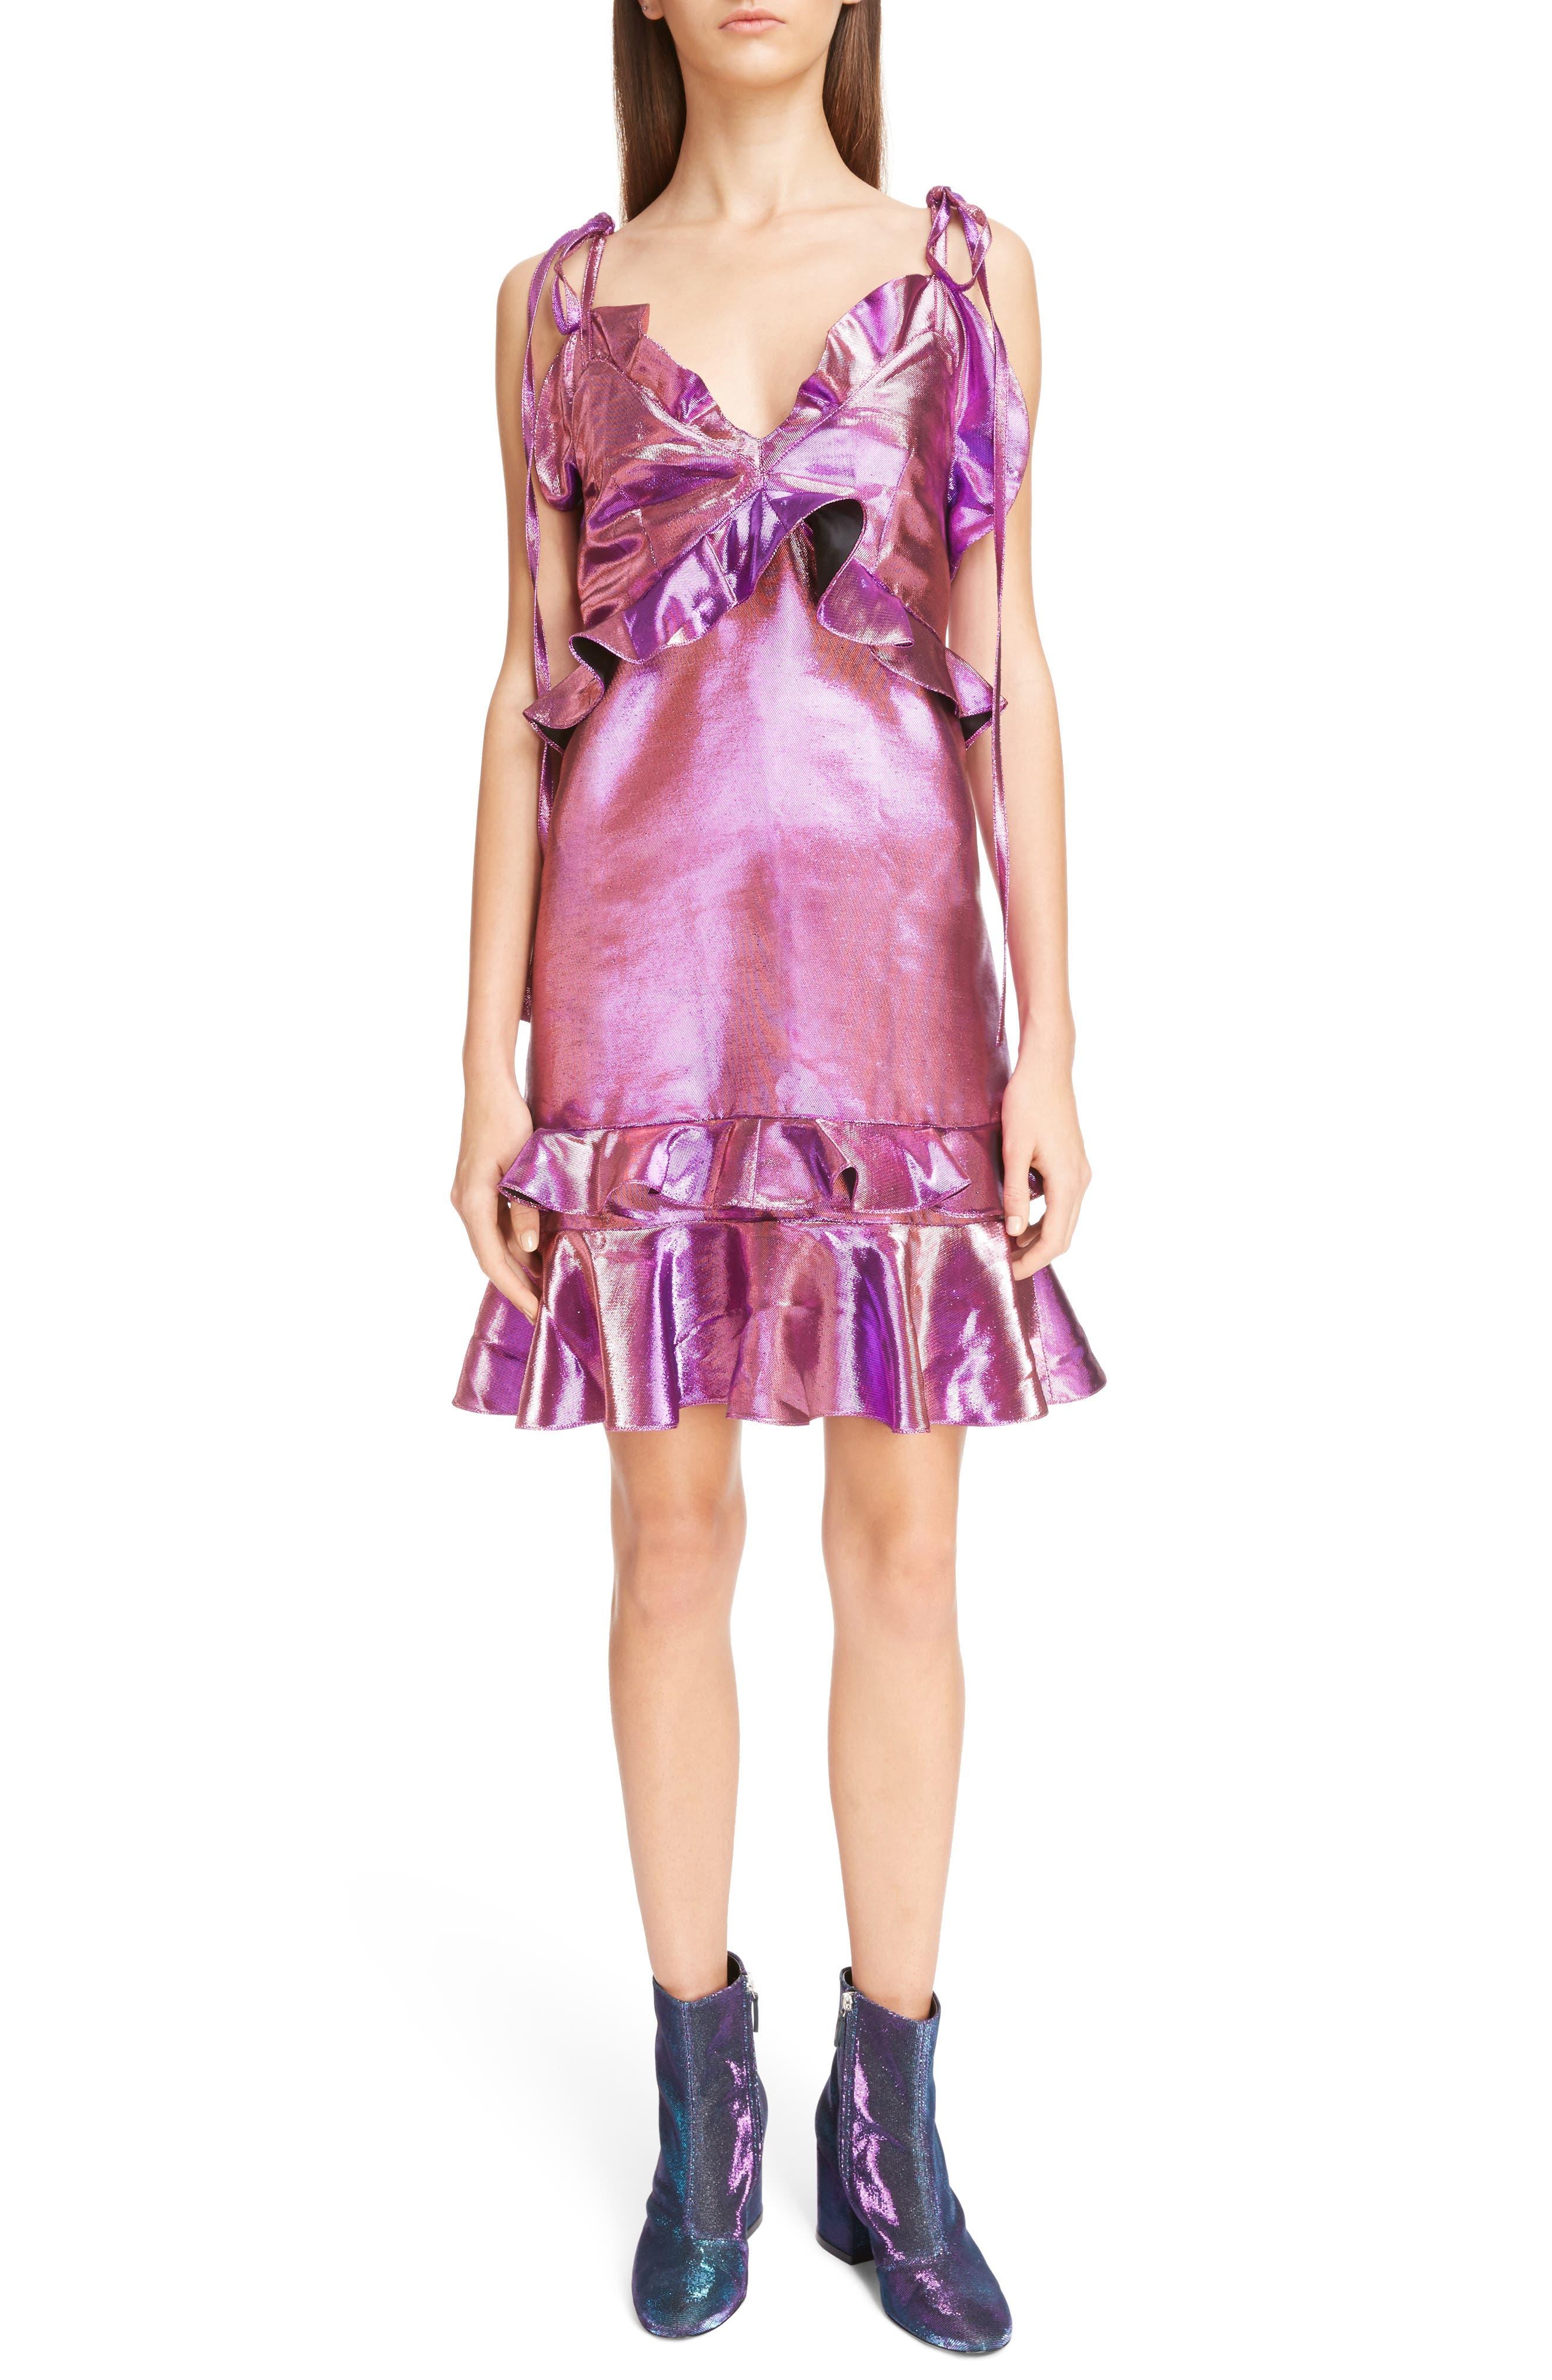 KENZO Metallic Ruffle Dress